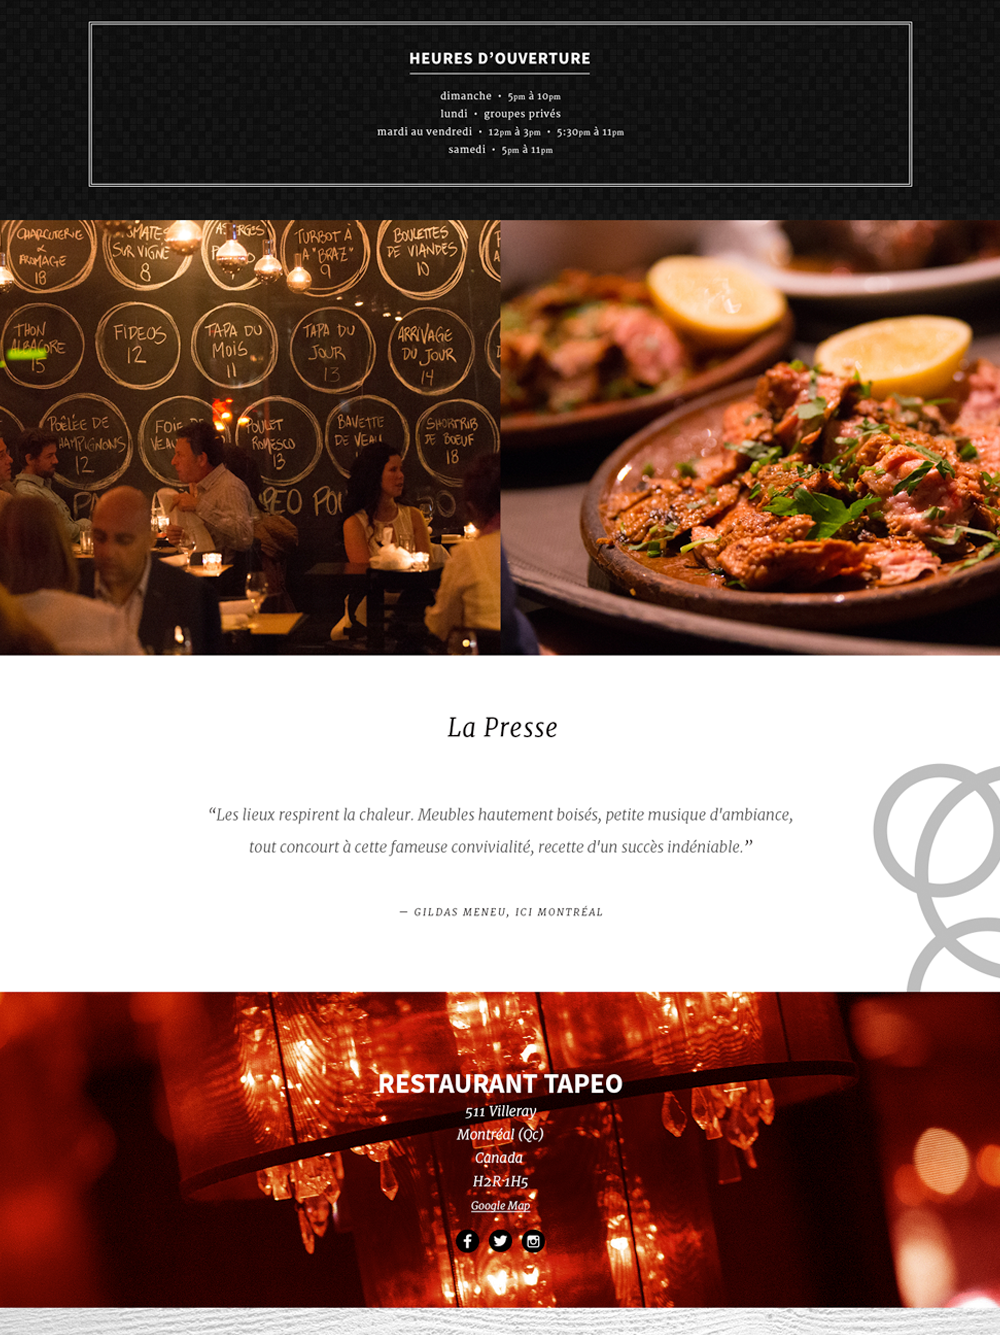 Multi Restaurant Tapeo